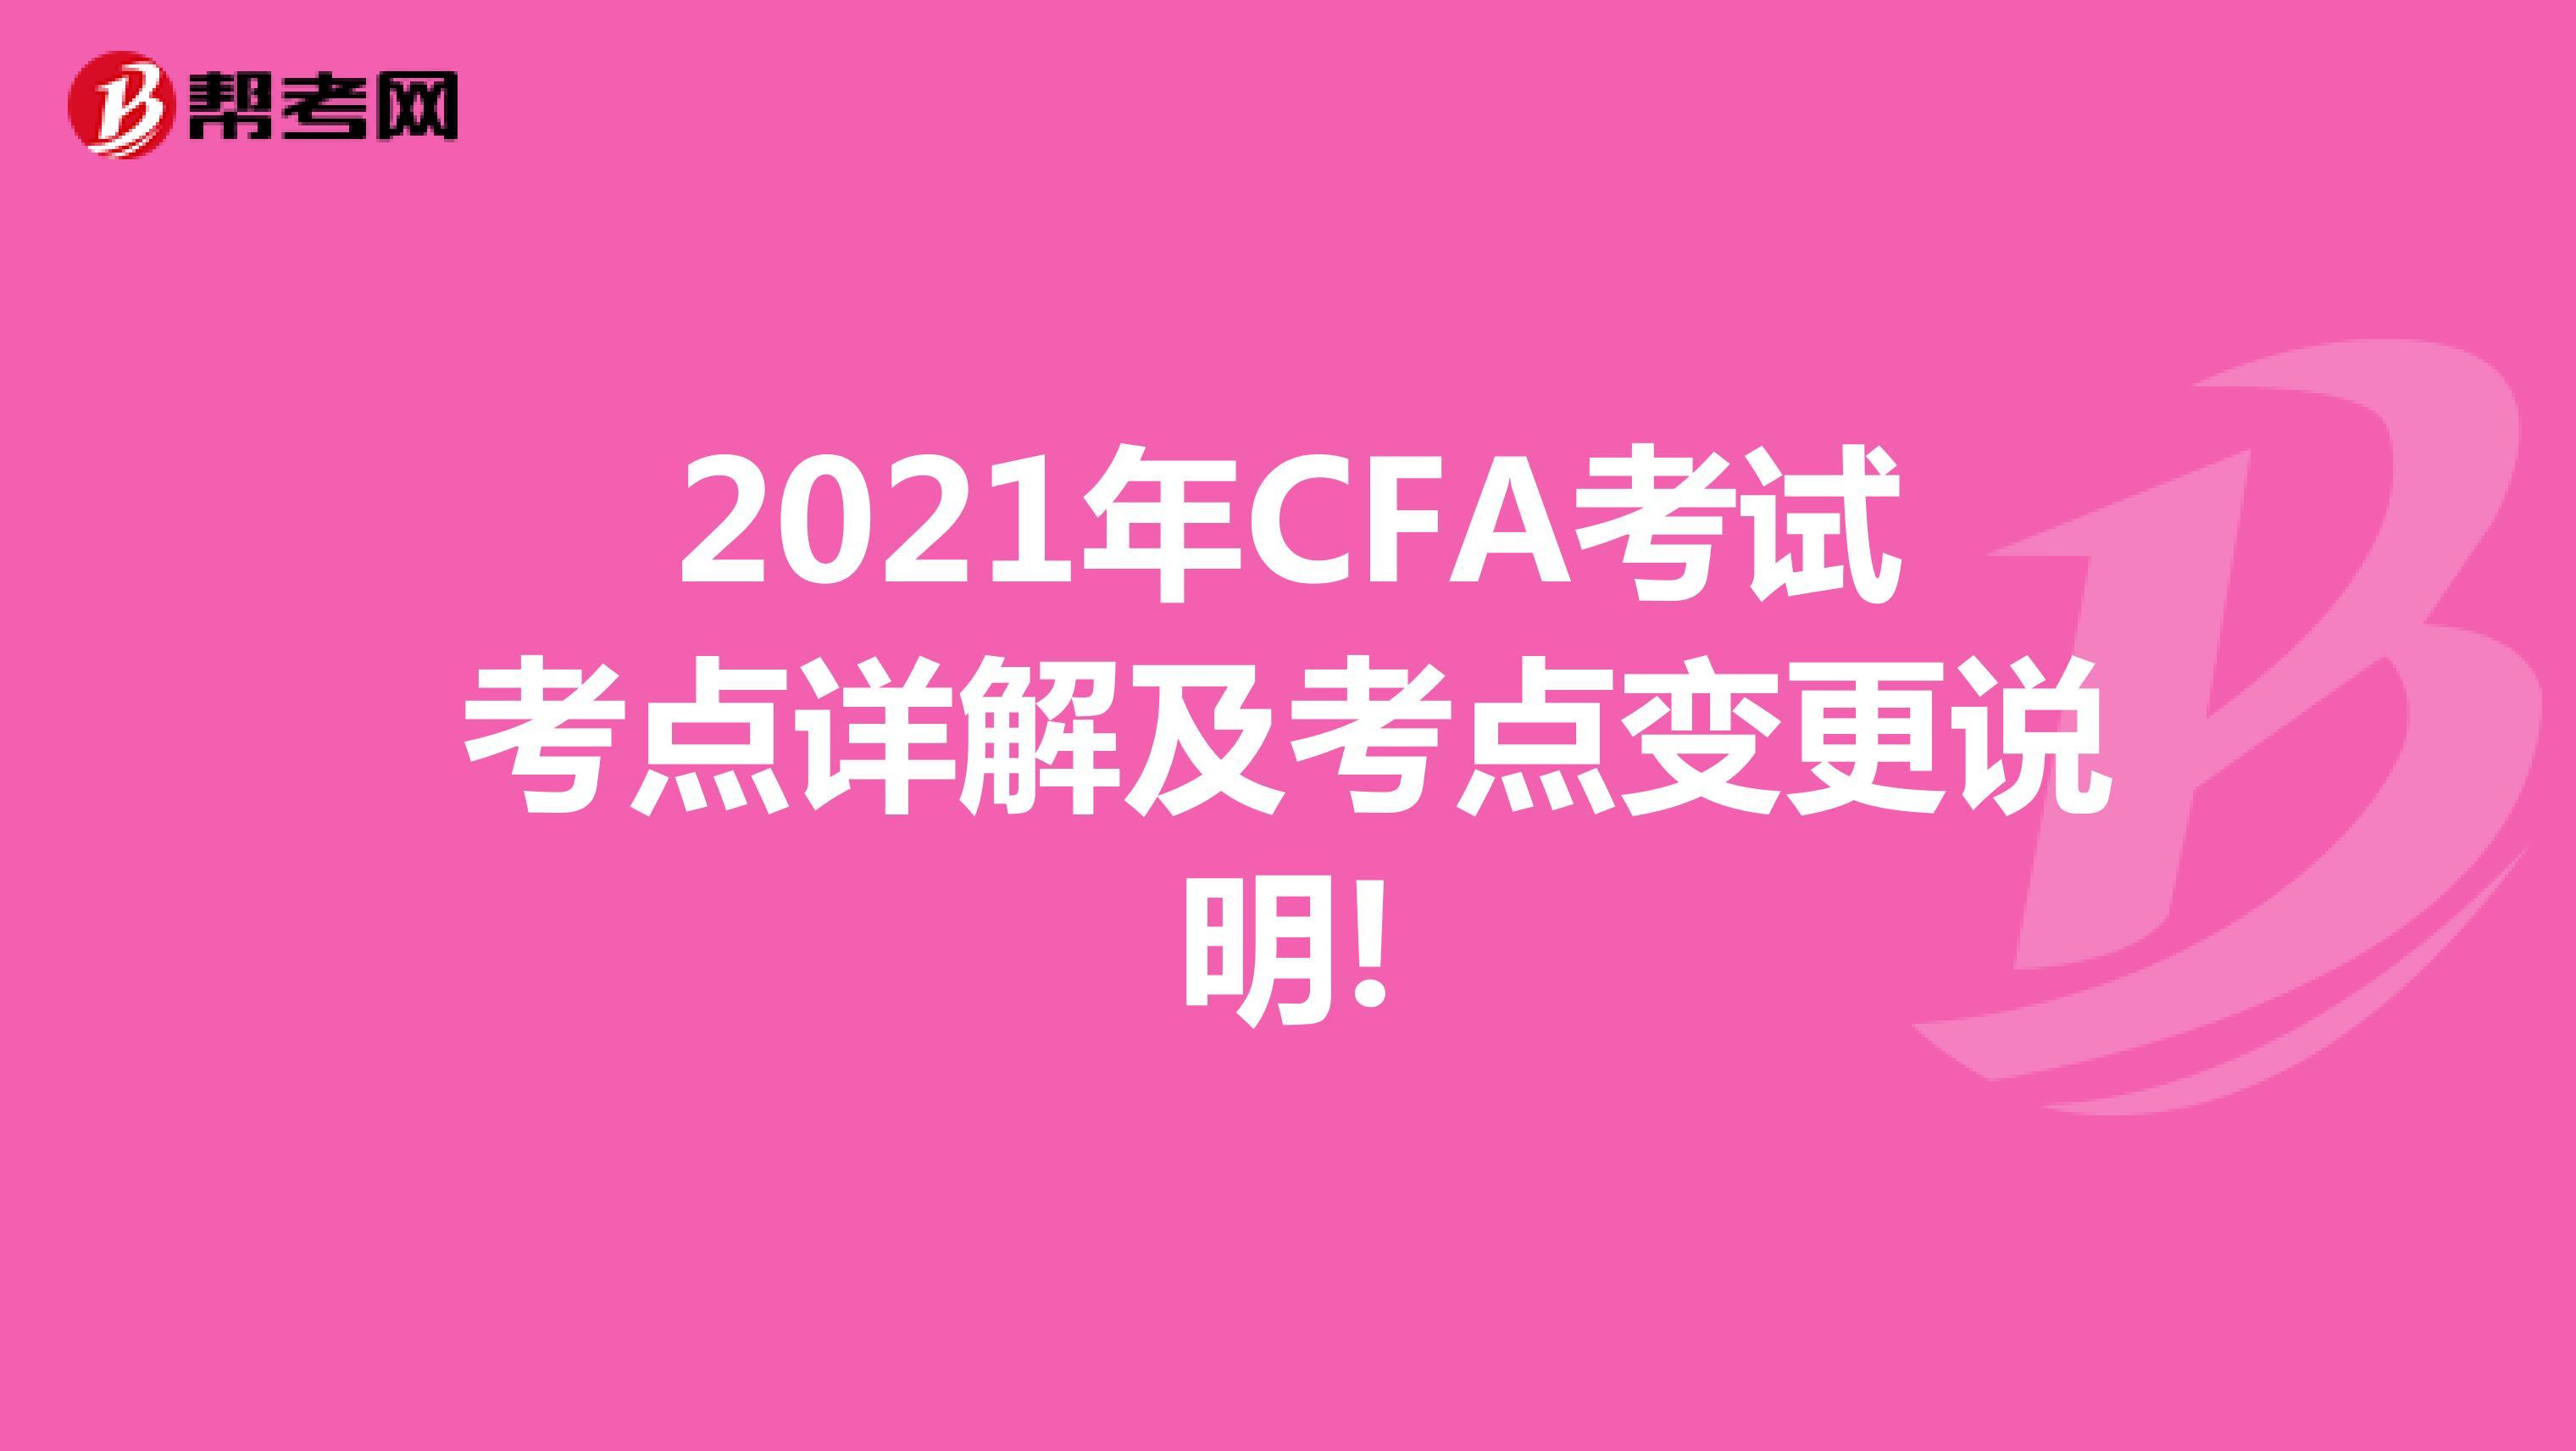 2021年CFA考试考点详解及考点变更说明!